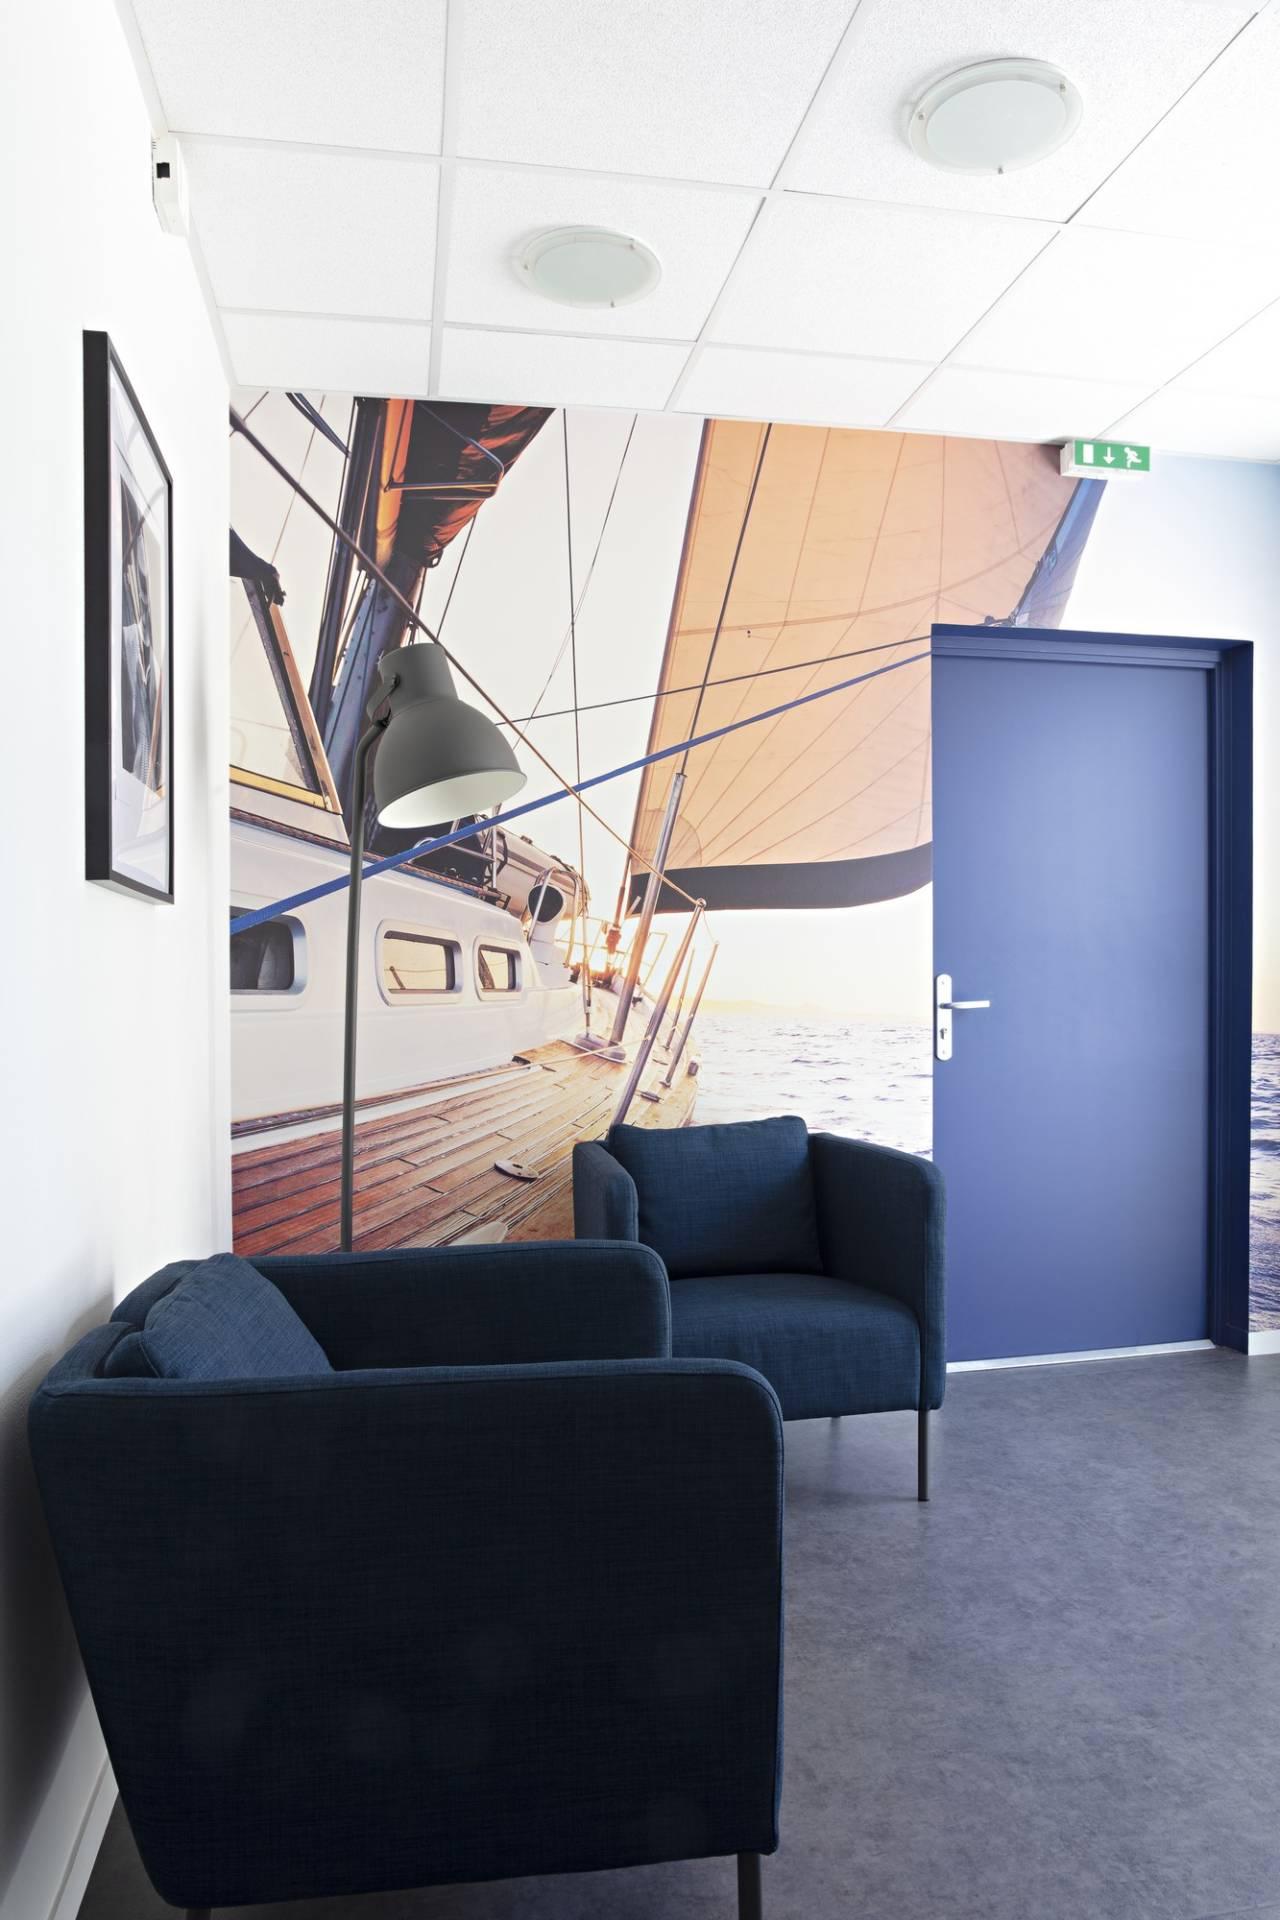 Décoration et agencement de bureaux à Saint Jacques de la Lande - Papier peint panoramique avec un voilier pour évoquer l'Atlantique